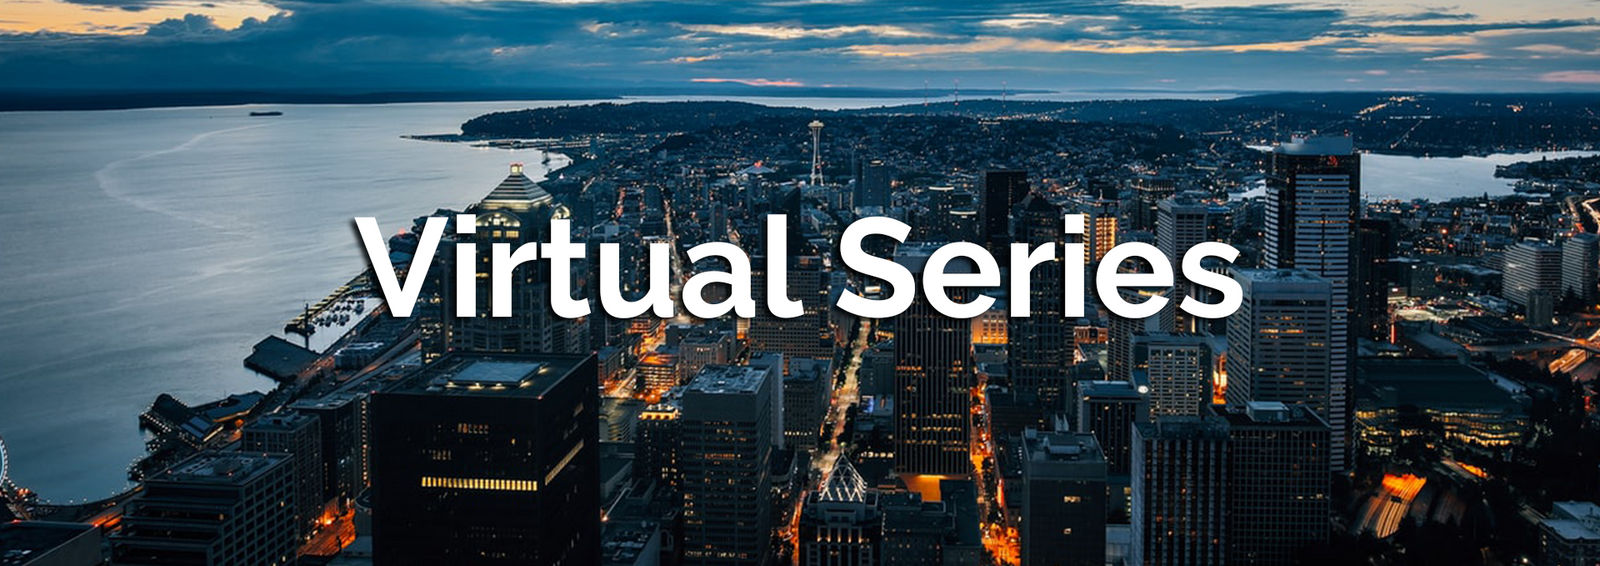 Virtual Series Link